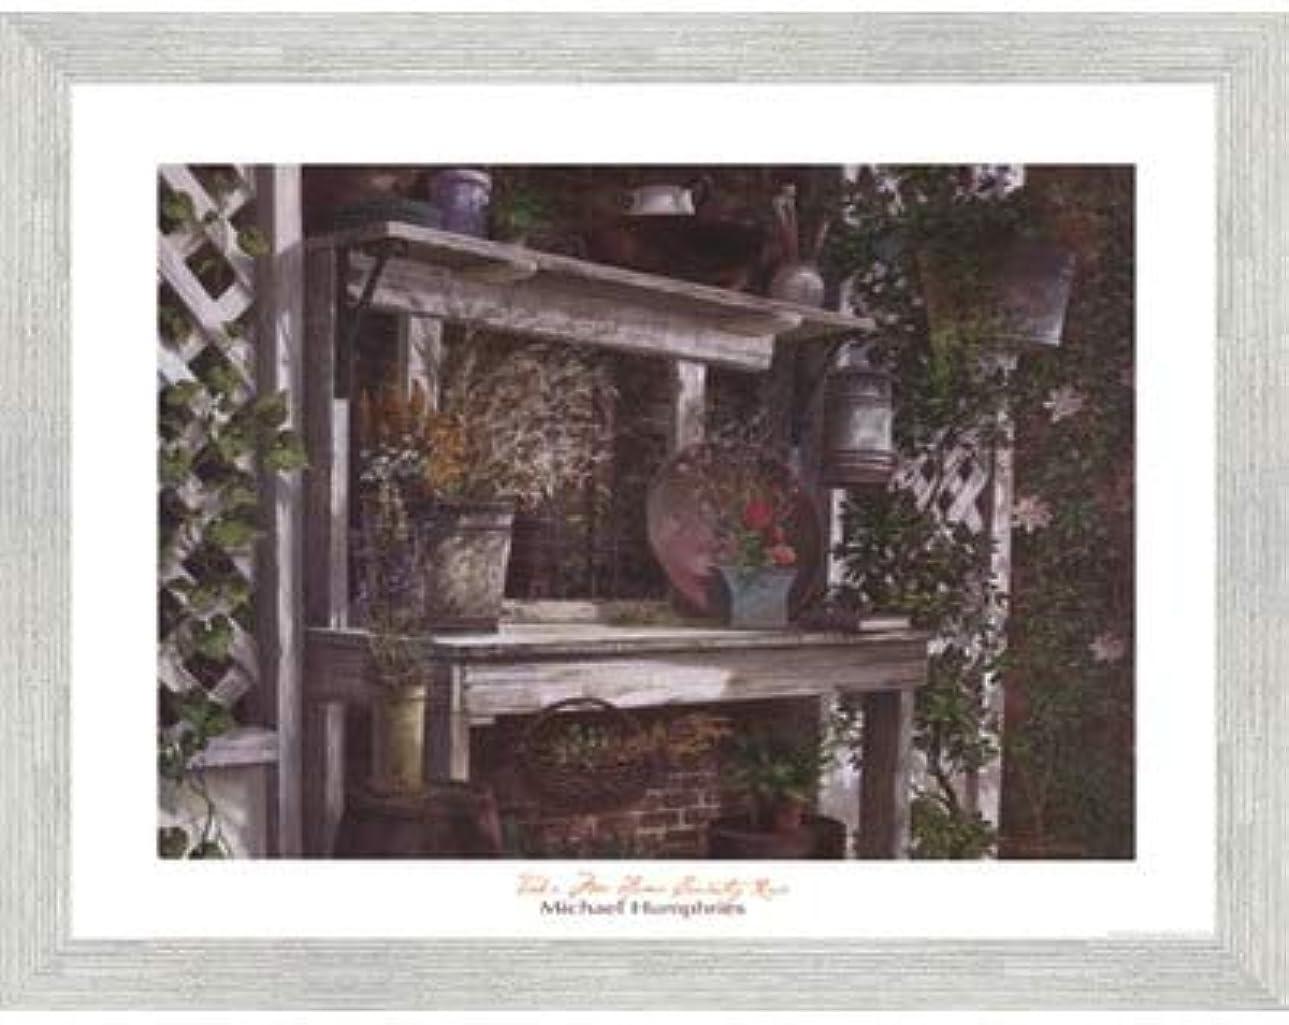 接続された学ぶビーチTake Me Home Country Rose by Michael Humphries – 28 x 22インチ – アートプリントポスター LE_115544-F10587-28x22